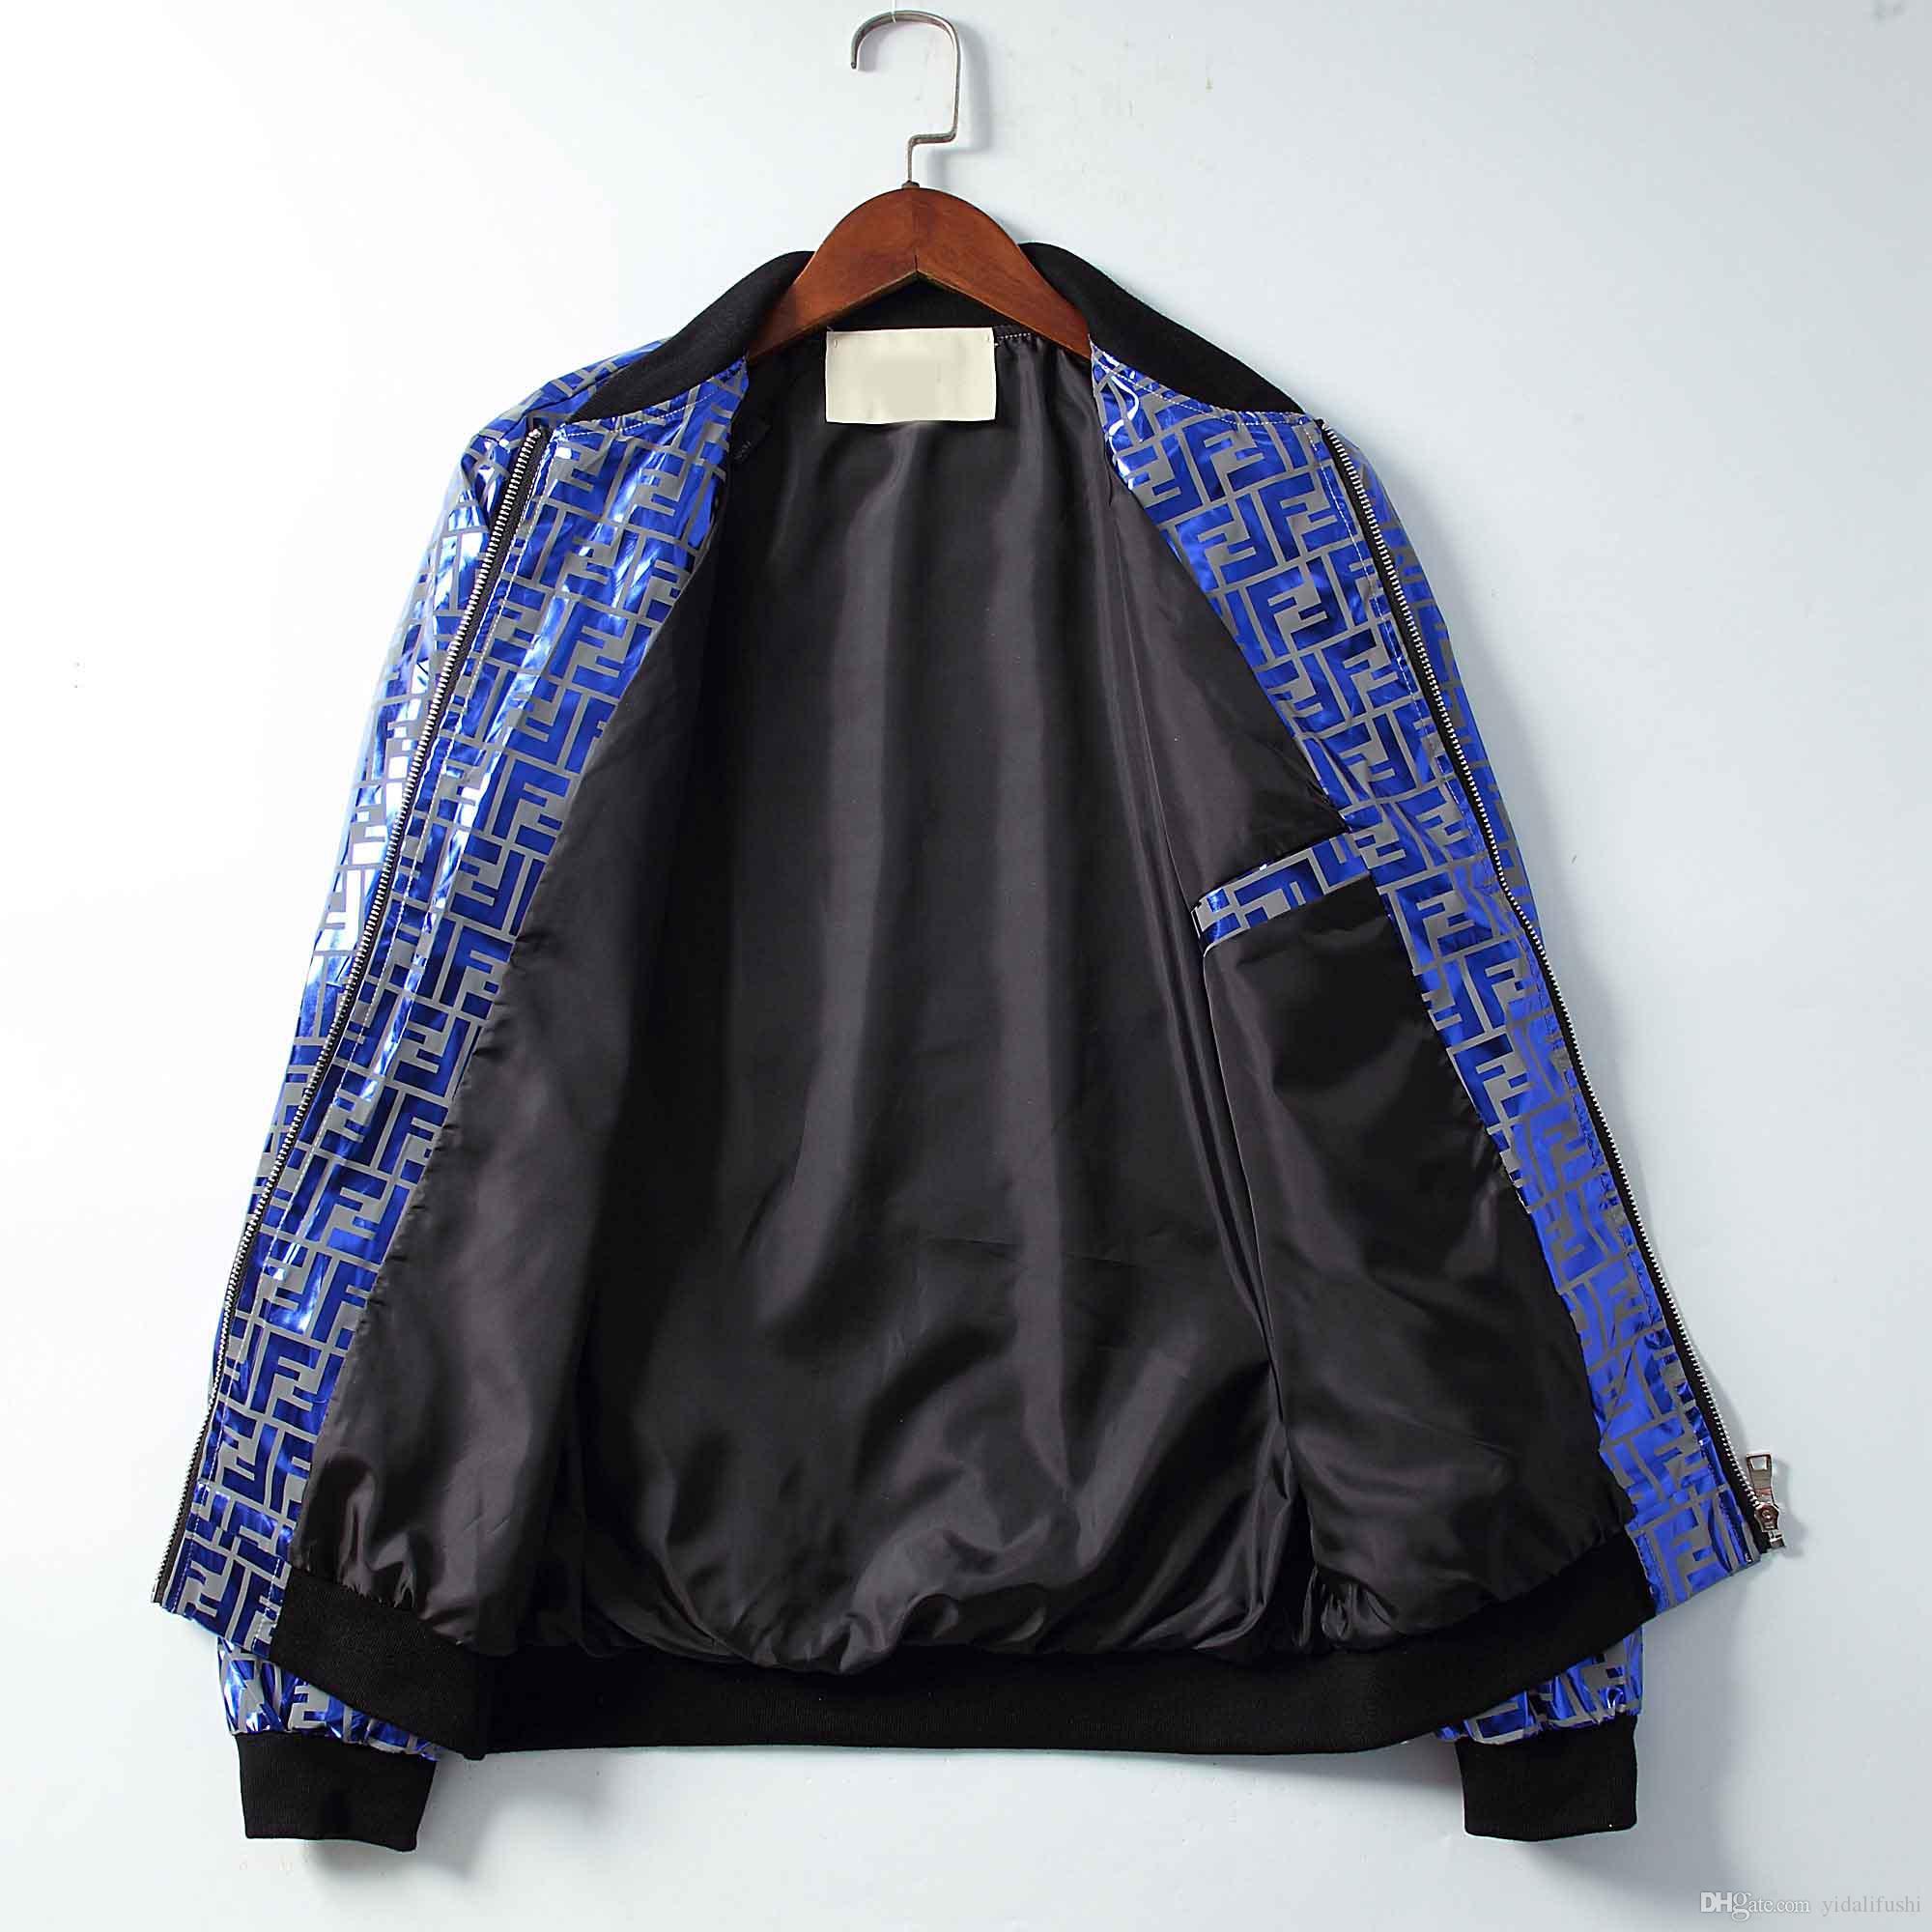 2019-2020 queda Jacket Top Luxo camisola com capuz manga comprida Esportes de outono dos homens com capuz e zíper roupas masculinas Top Fashion